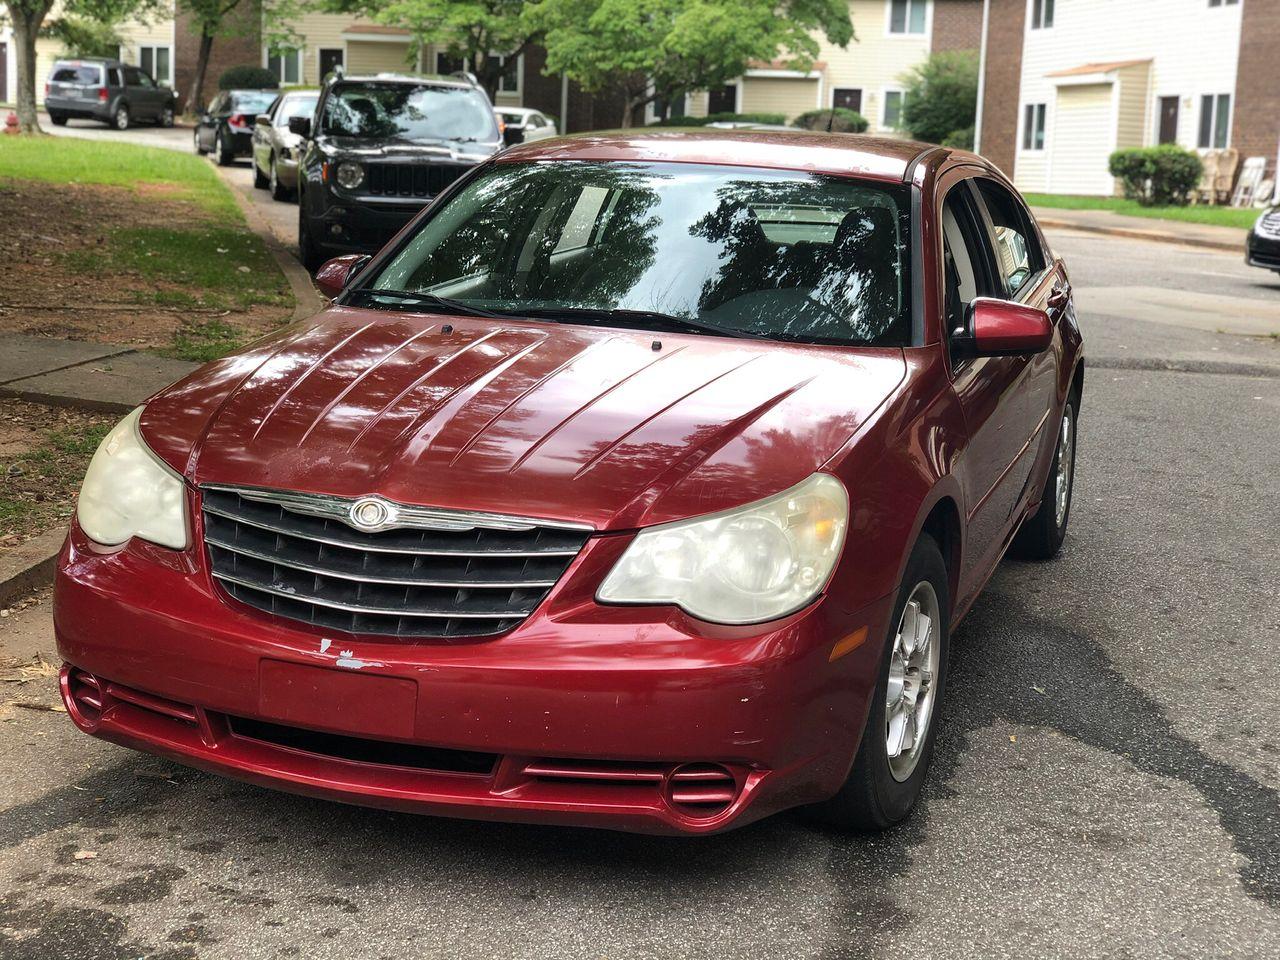 2007 Chrysler Sebring Base | Hollywood, FL, Inferno Red Crystal Pearlcoat (Red & Orange), Front Wheel